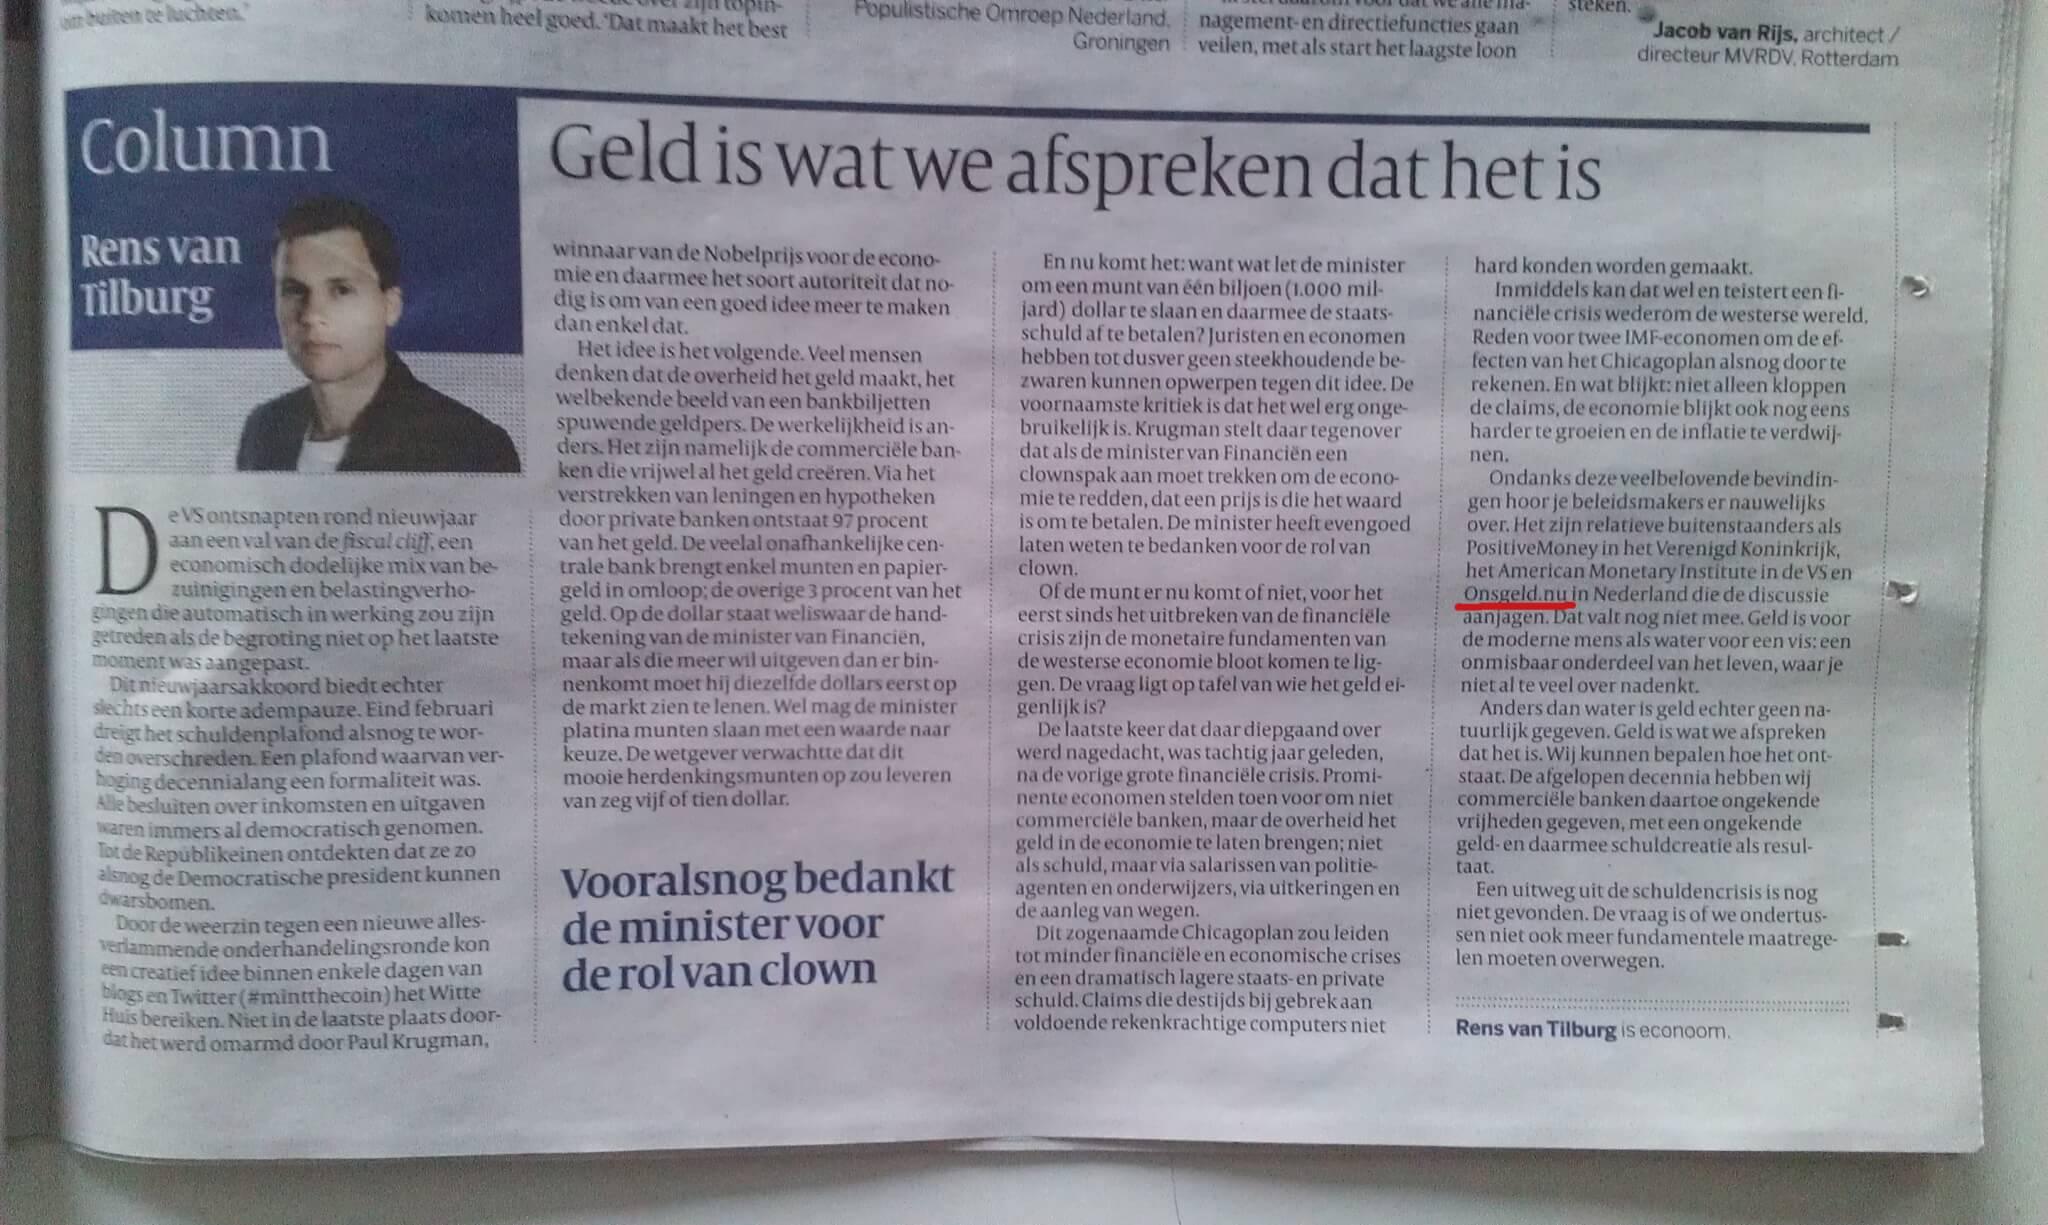 foto van de column van Rens van Tilburg uit de Volkskrant - 16 januari 2013